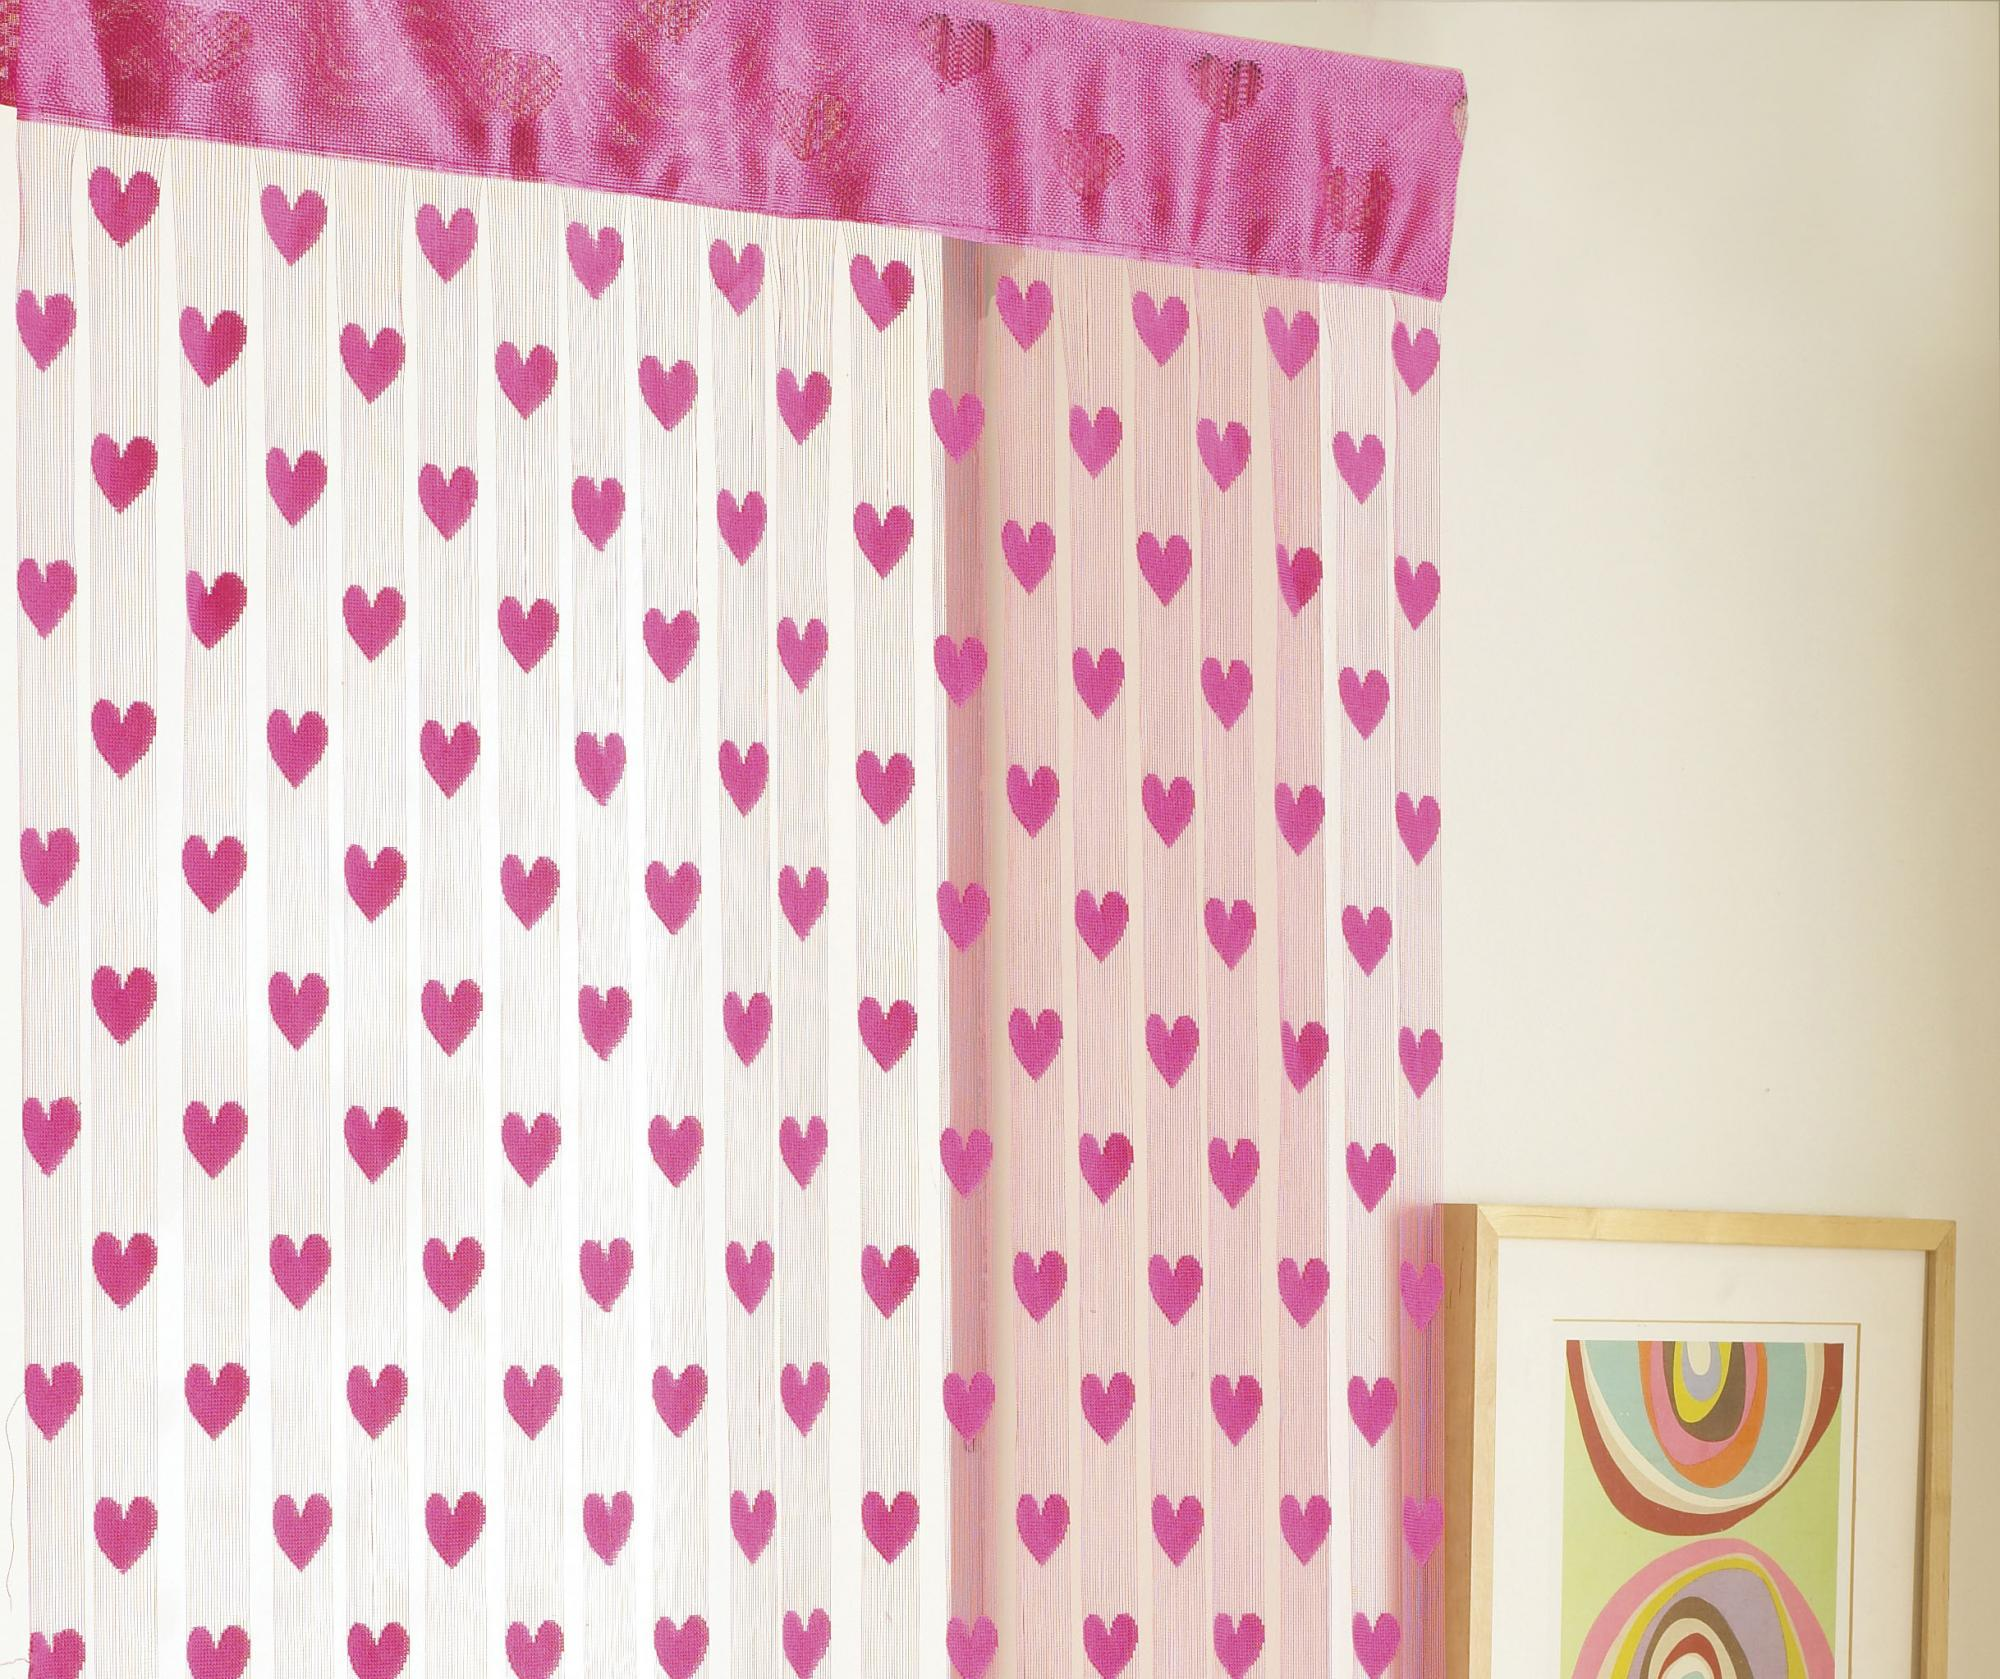 Perdea de usa Hearts Pink 90x200 cm